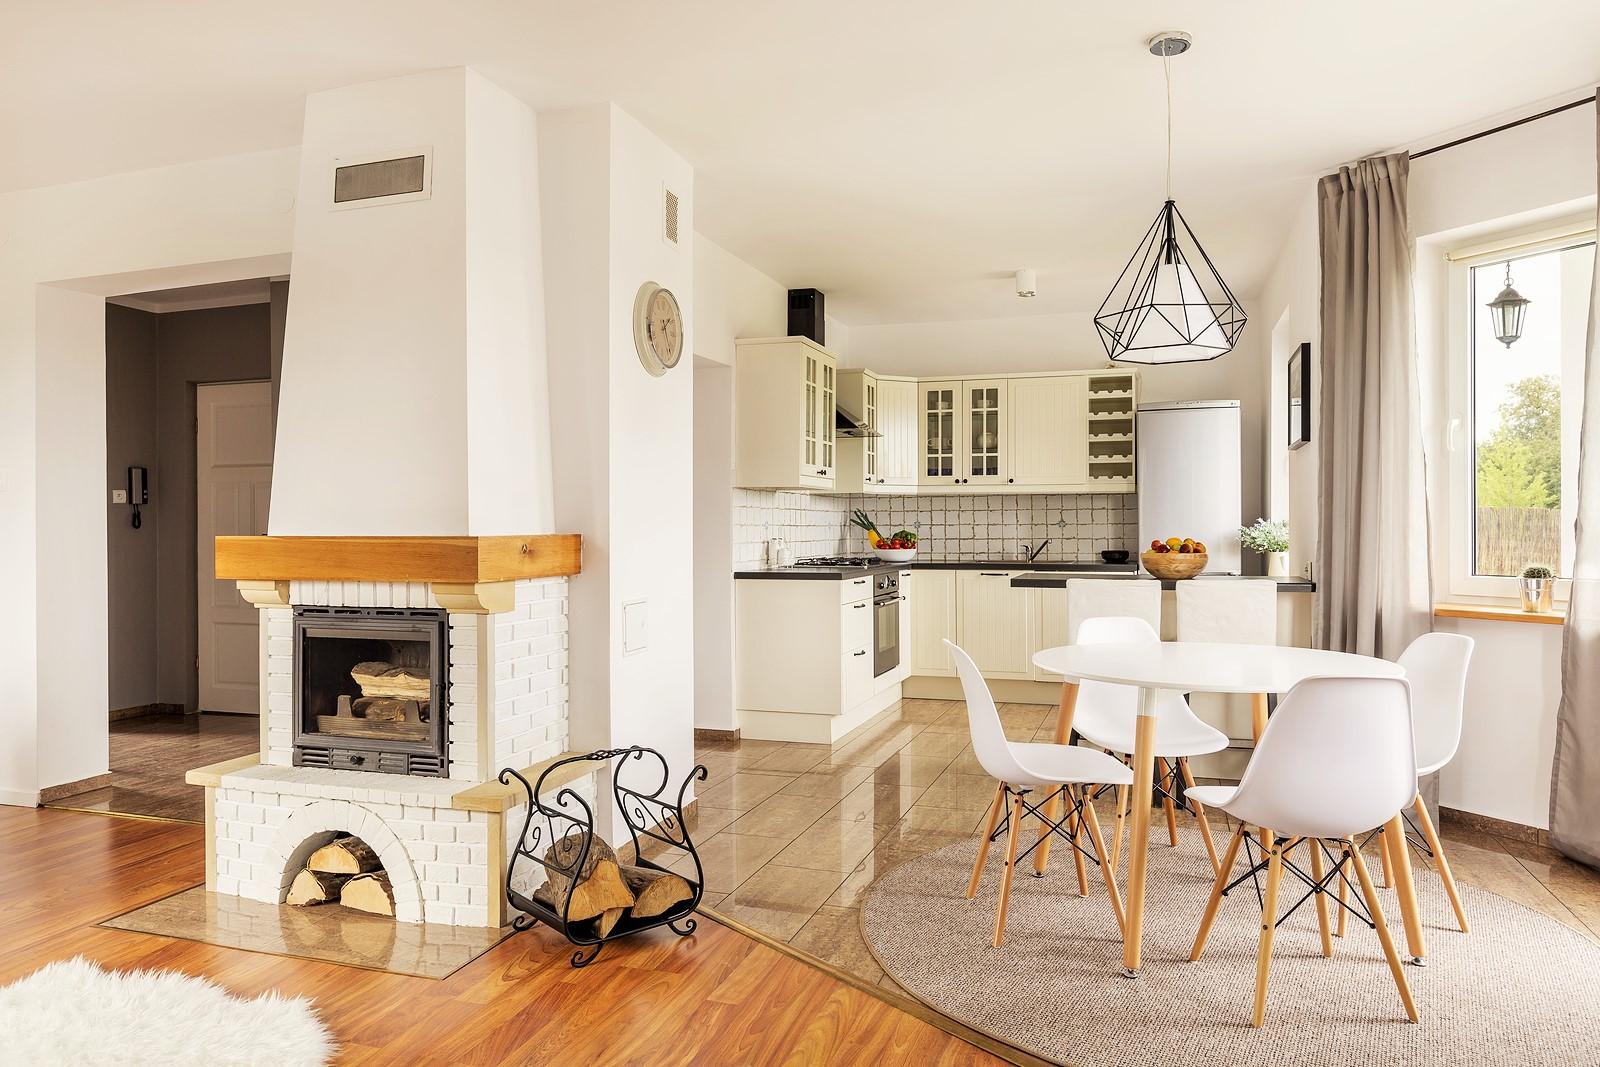 Mieszkanie W Stylu Hygge Jak Urządzić Modną Skandynawską